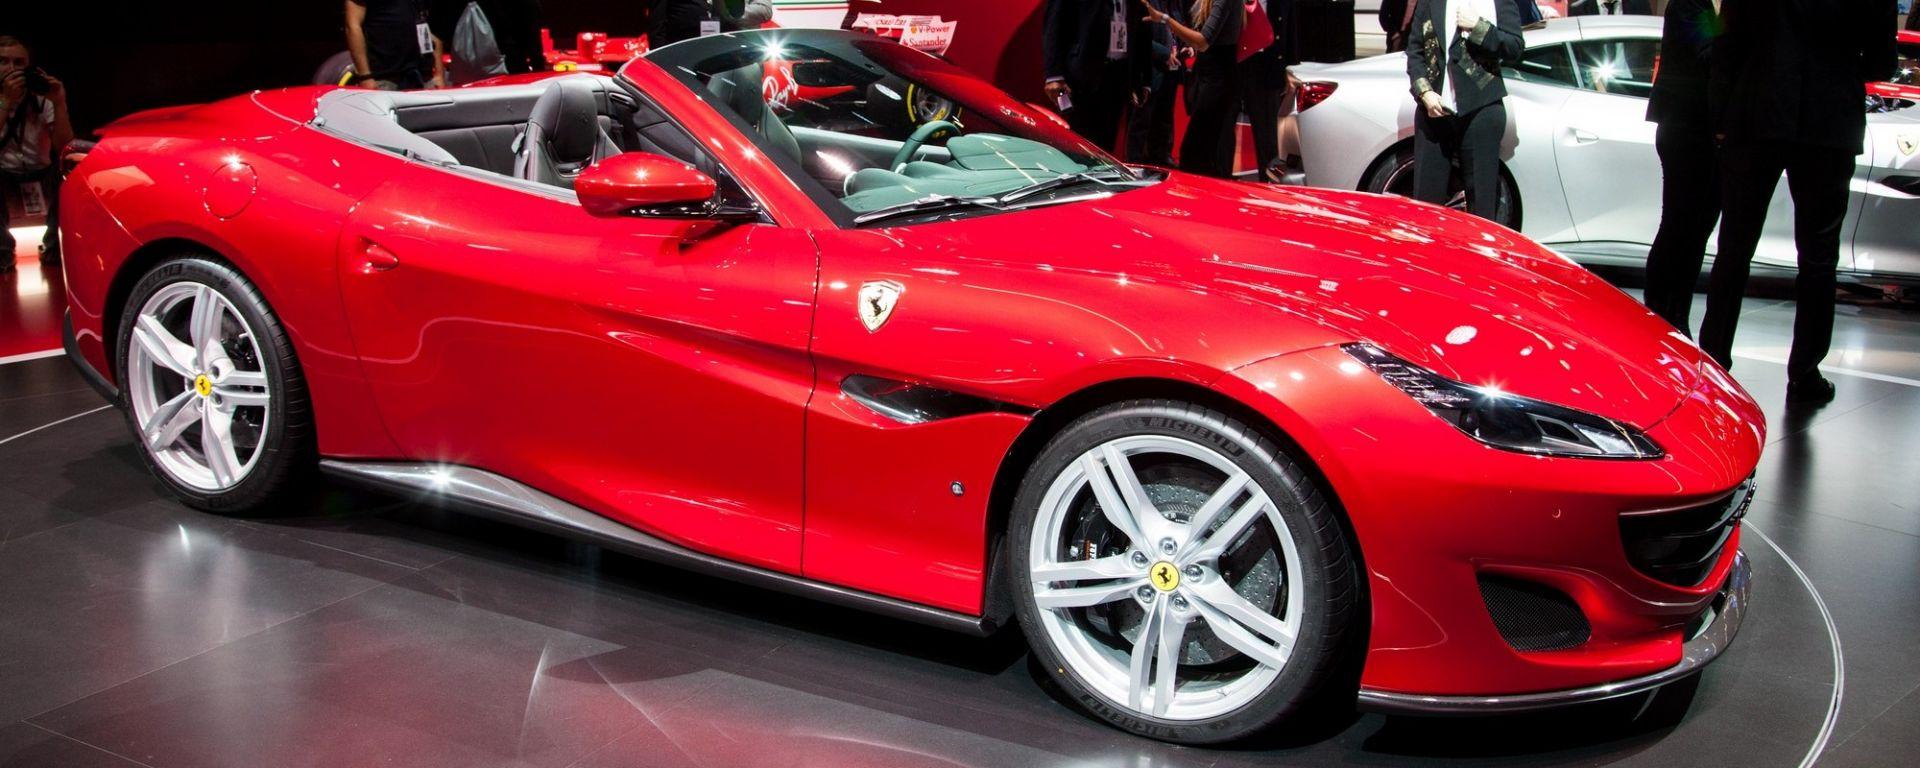 Salone di Francoforte 2017, lo stand Ferrari